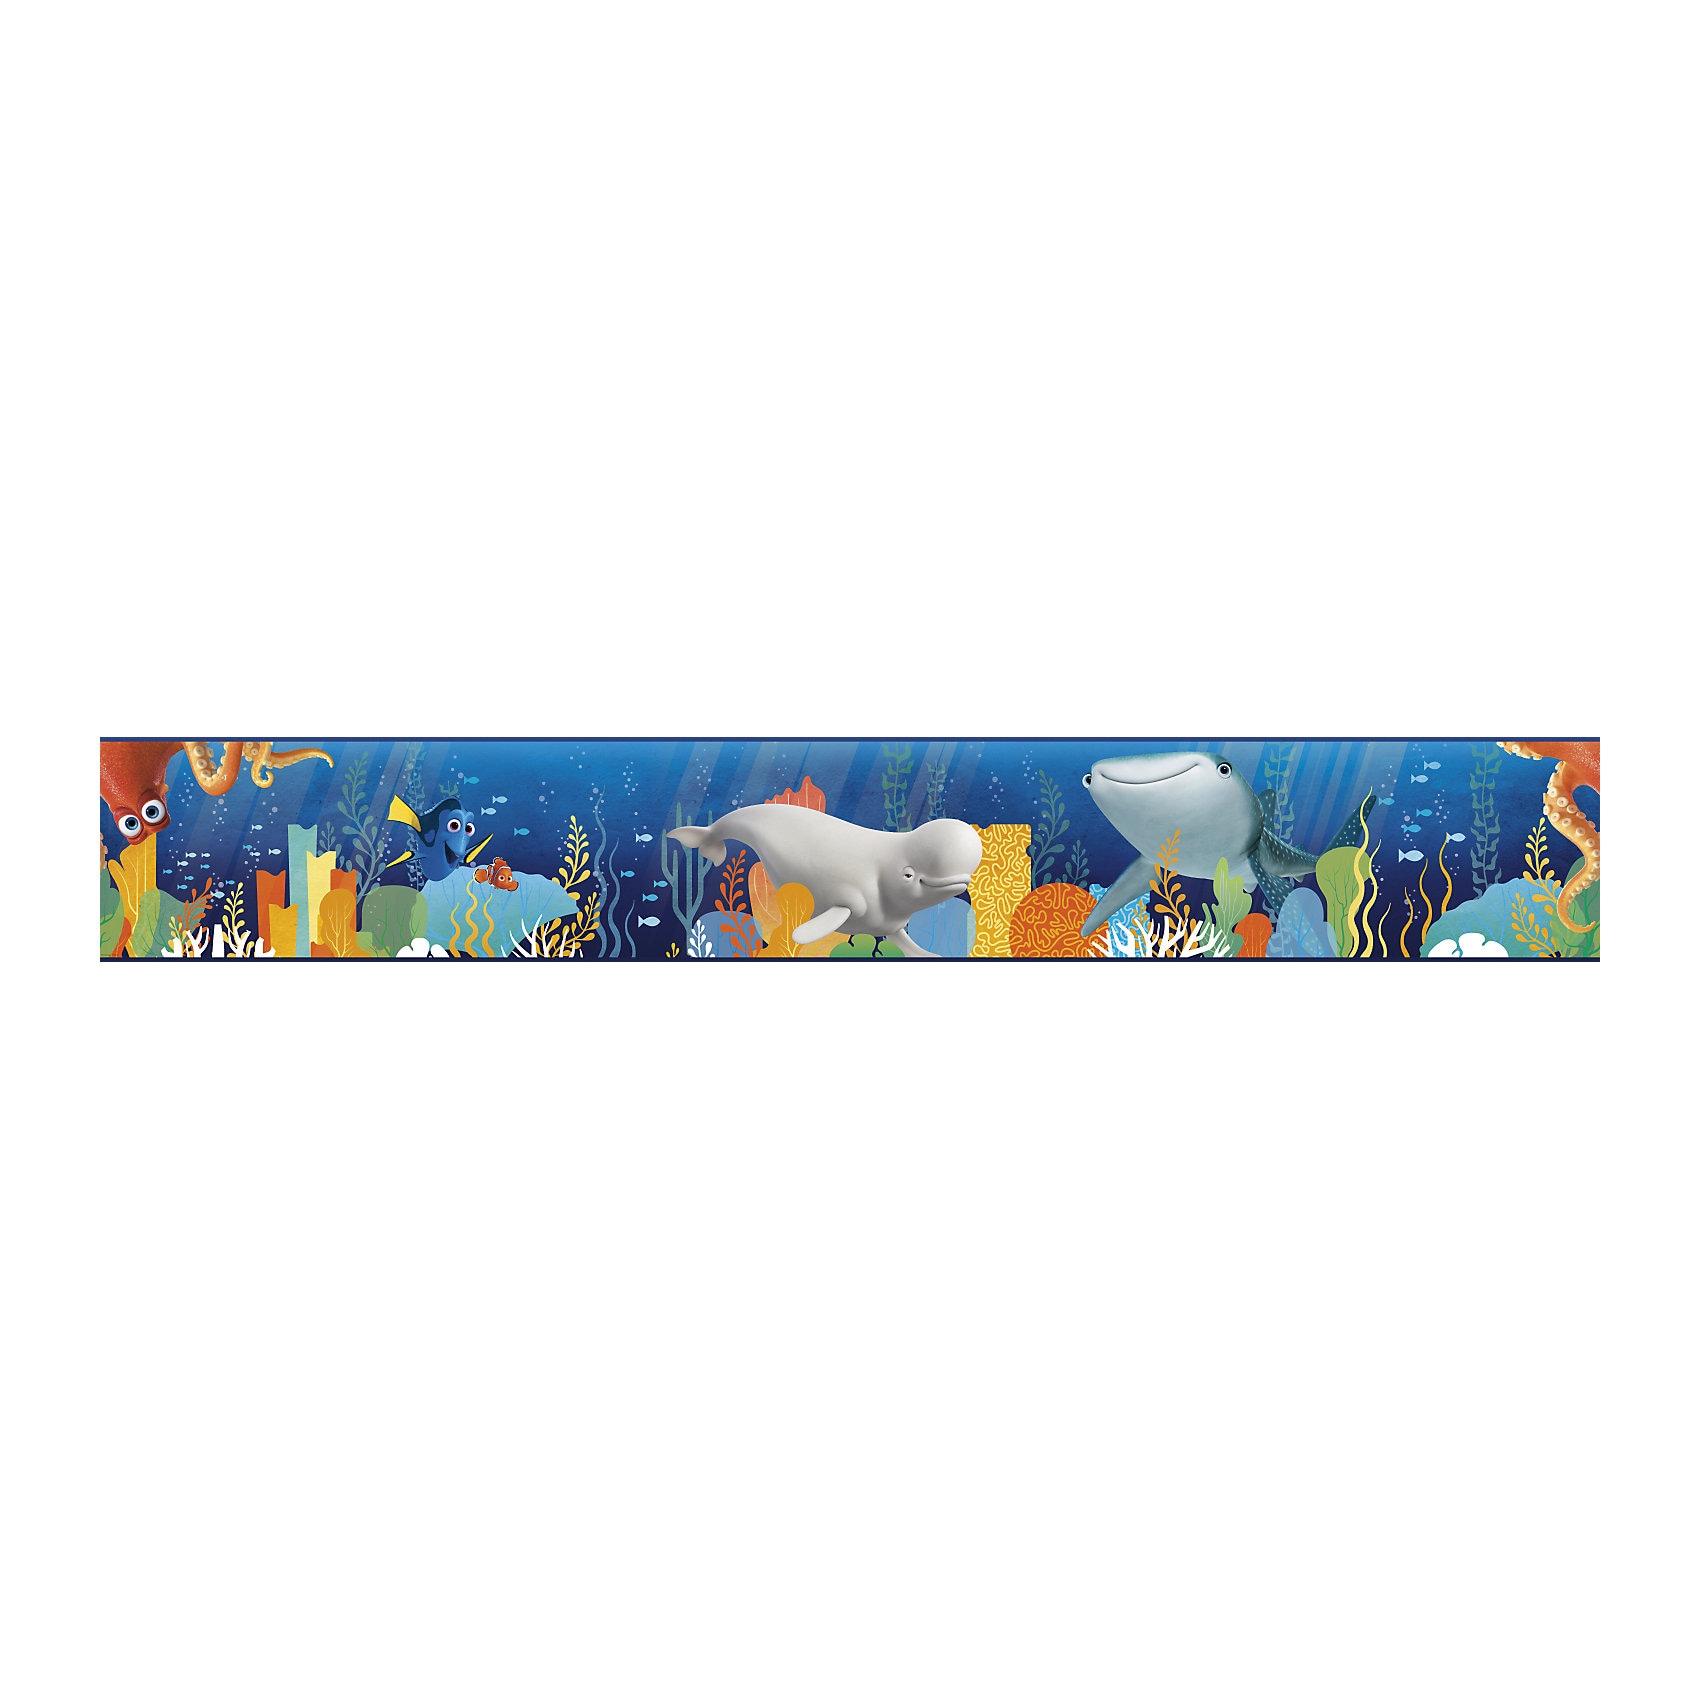 RoomMates Bordüre Disney findet Dorie mit Freunden blau 457 m x 2286 cm